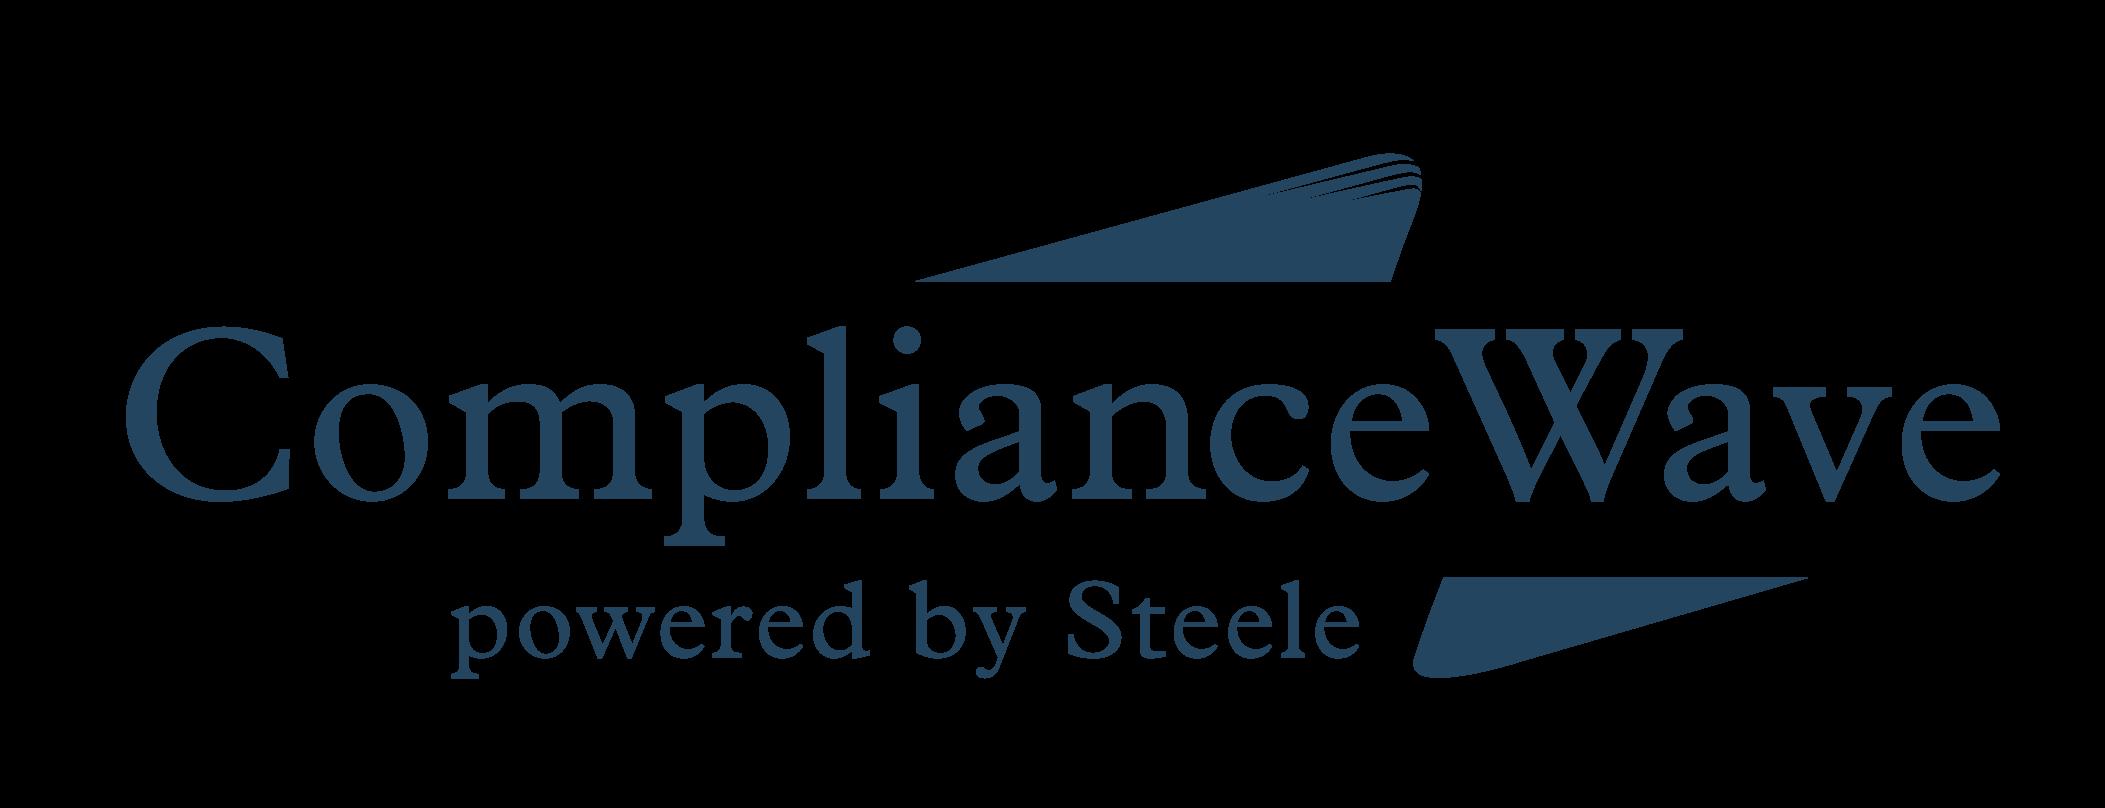 ComplianceWave_Midnight HR.png